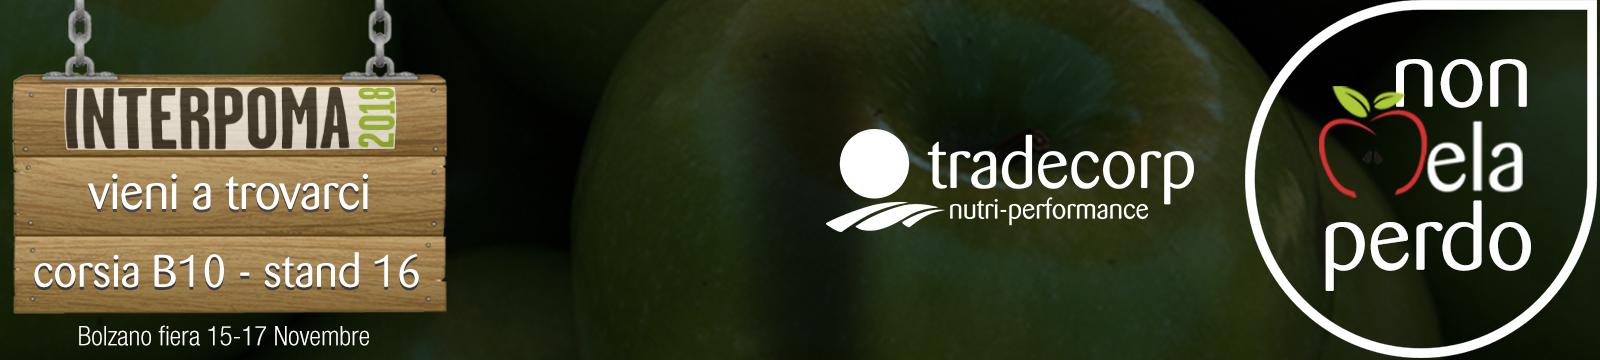 """Tradecorp a Interpoma: Non """"mela"""" perdo!"""